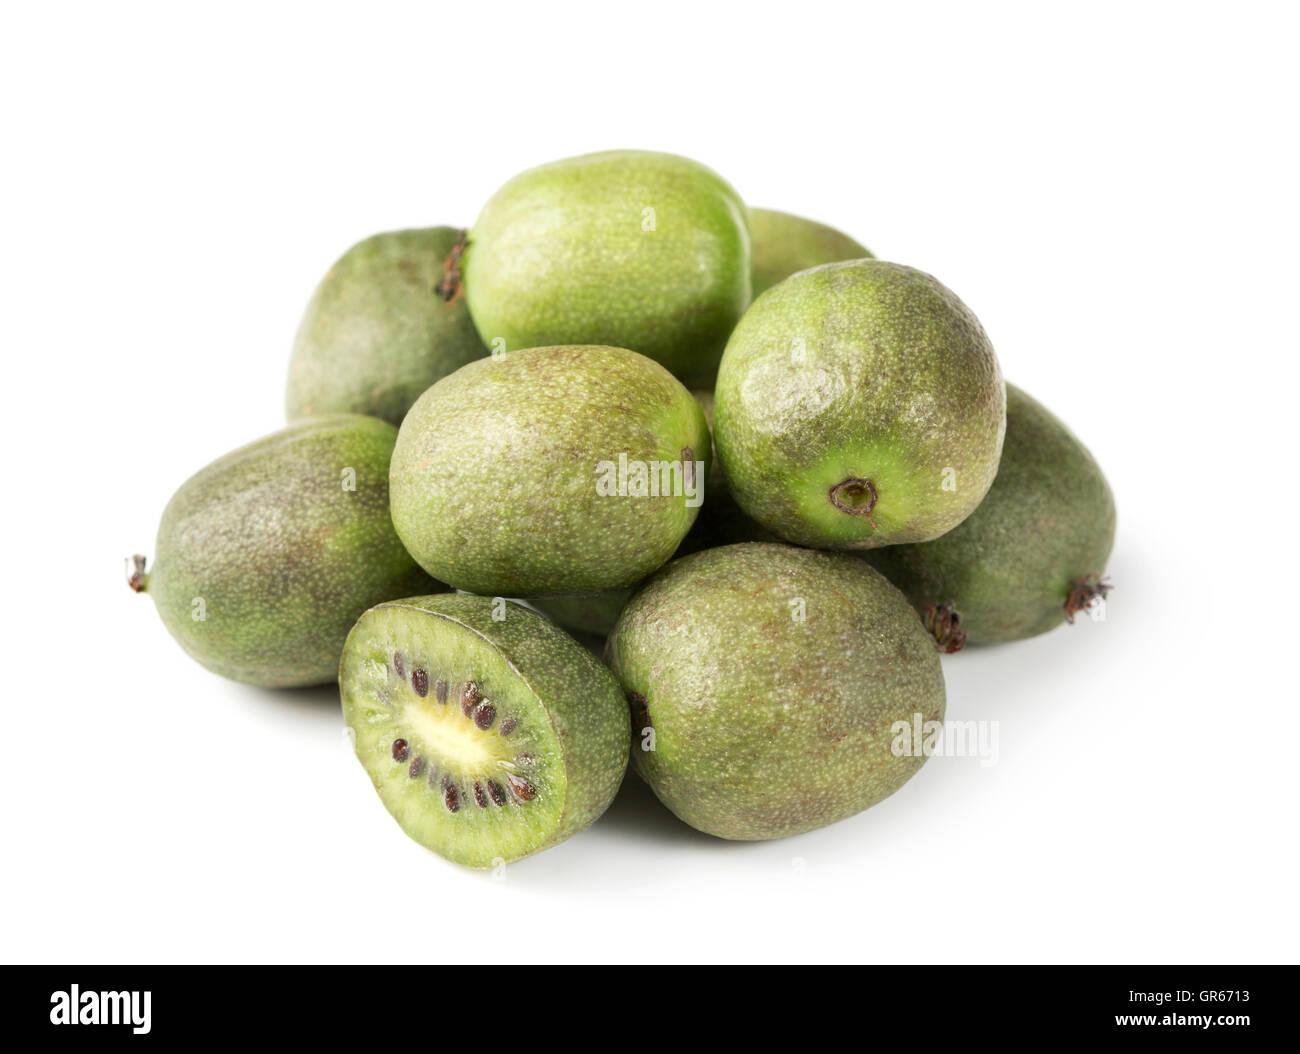 Kiwi berry isolated on a white background - Stock Image